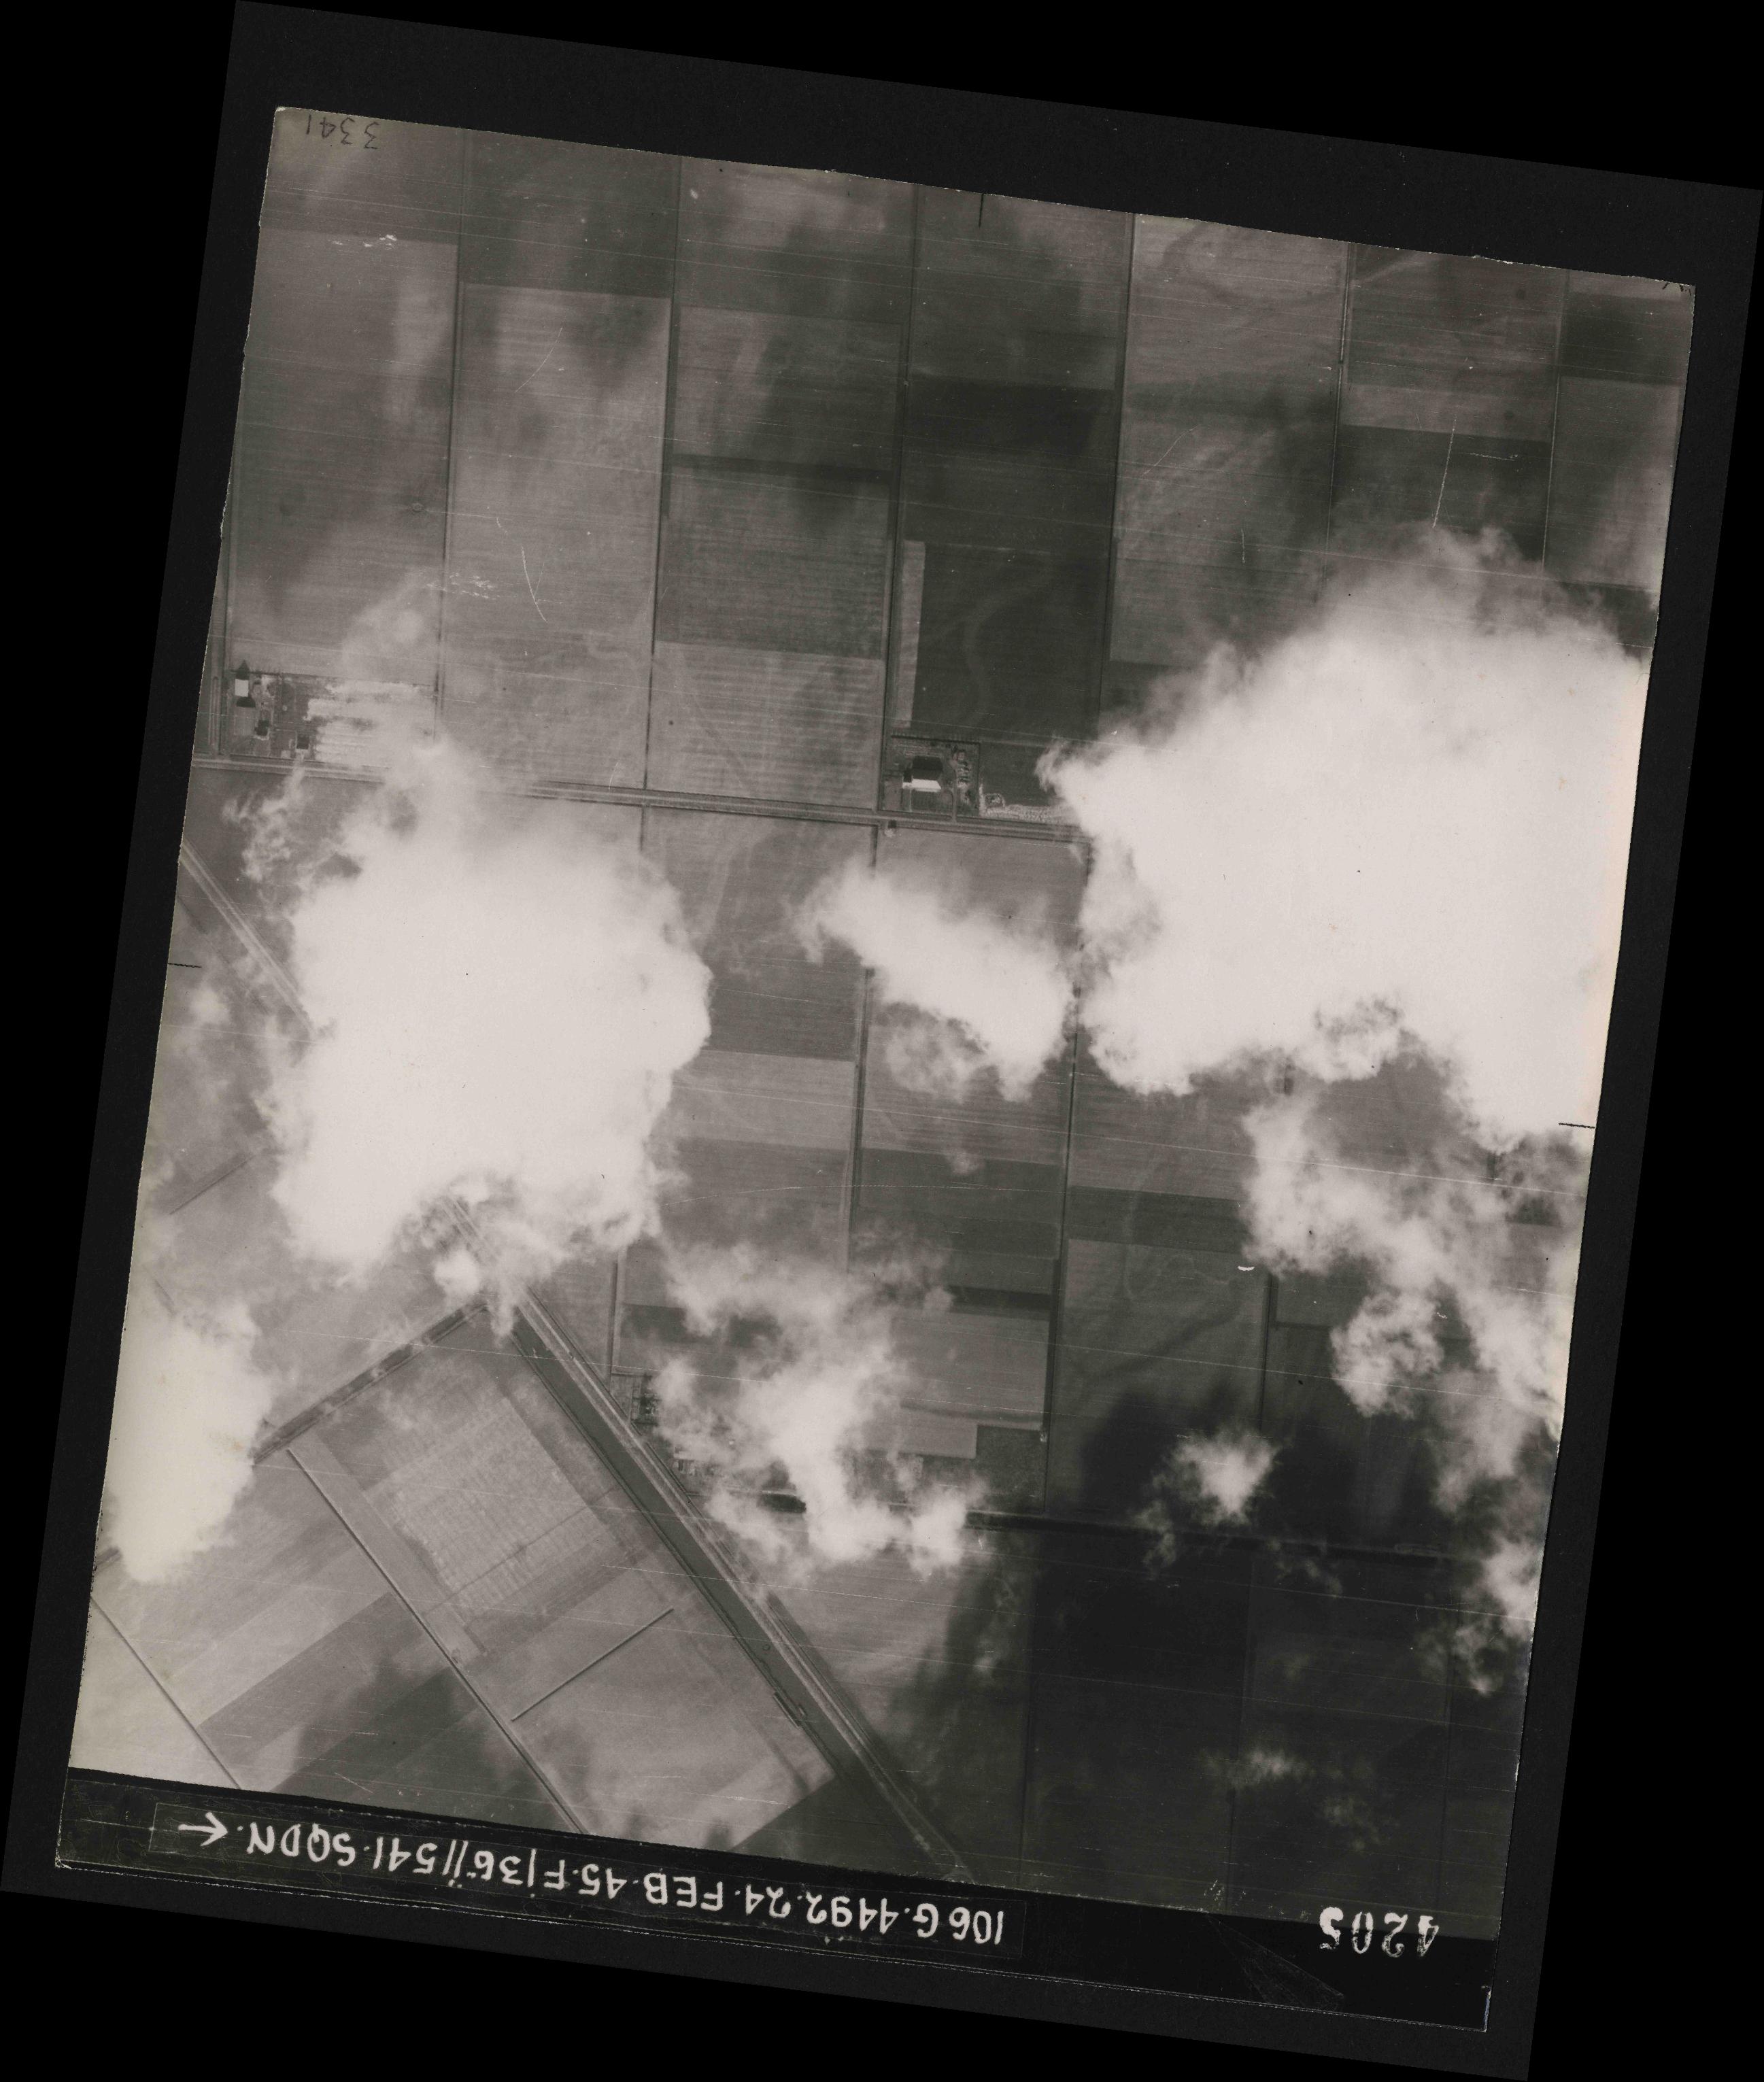 Collection RAF aerial photos 1940-1945 - flight 112, run 14, photo 4205